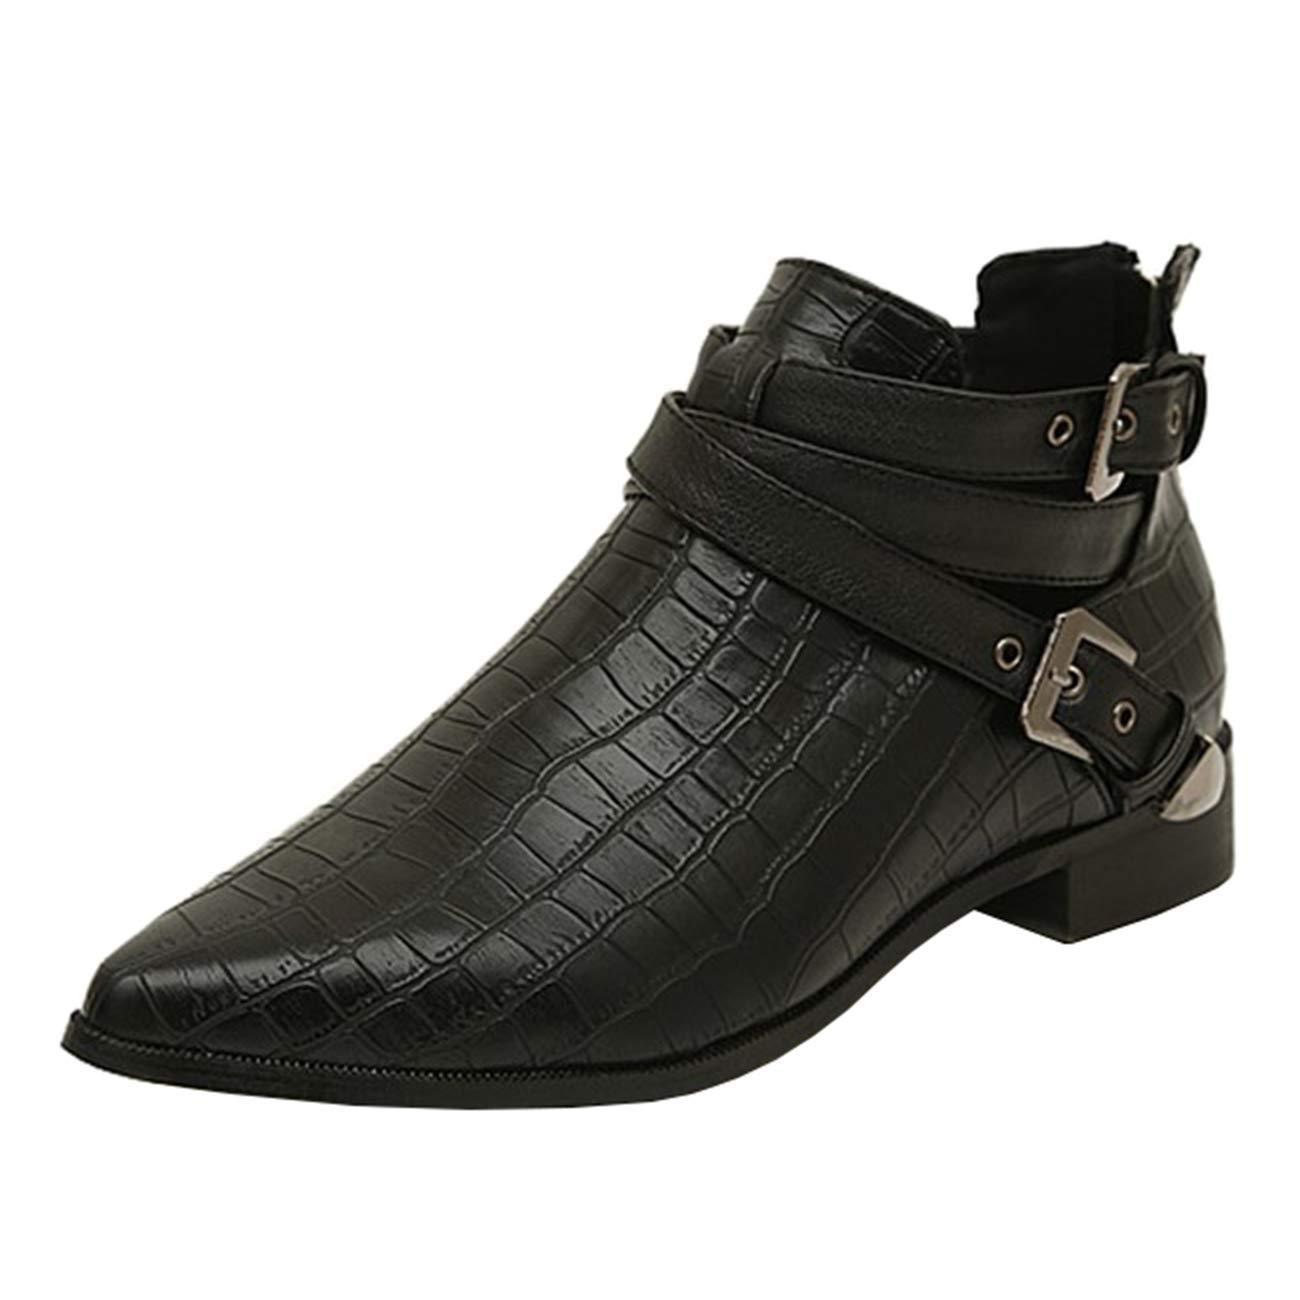 Eeayyygch Damen-Gladiator Block-Heel Zip Schnalle Schnalle Schnalle Ankle Stiefel (Farbe   Schwarz, Größe   4 UK) e67f0b